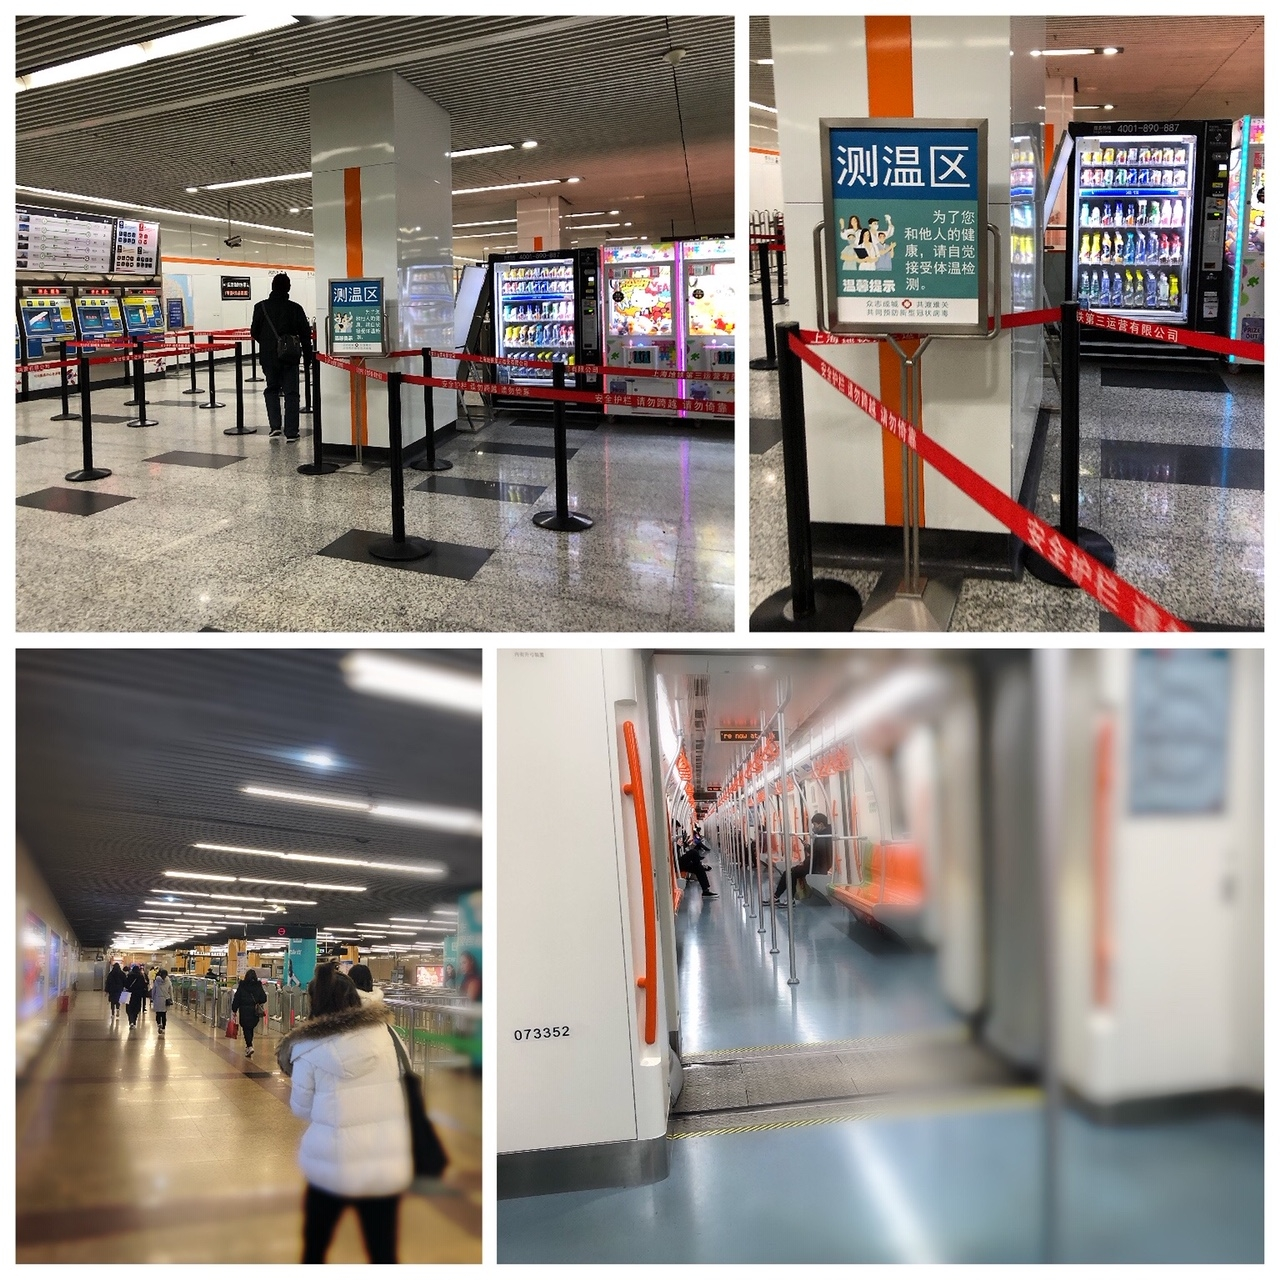 上海・地下鉄の各駅で自動検温実施中